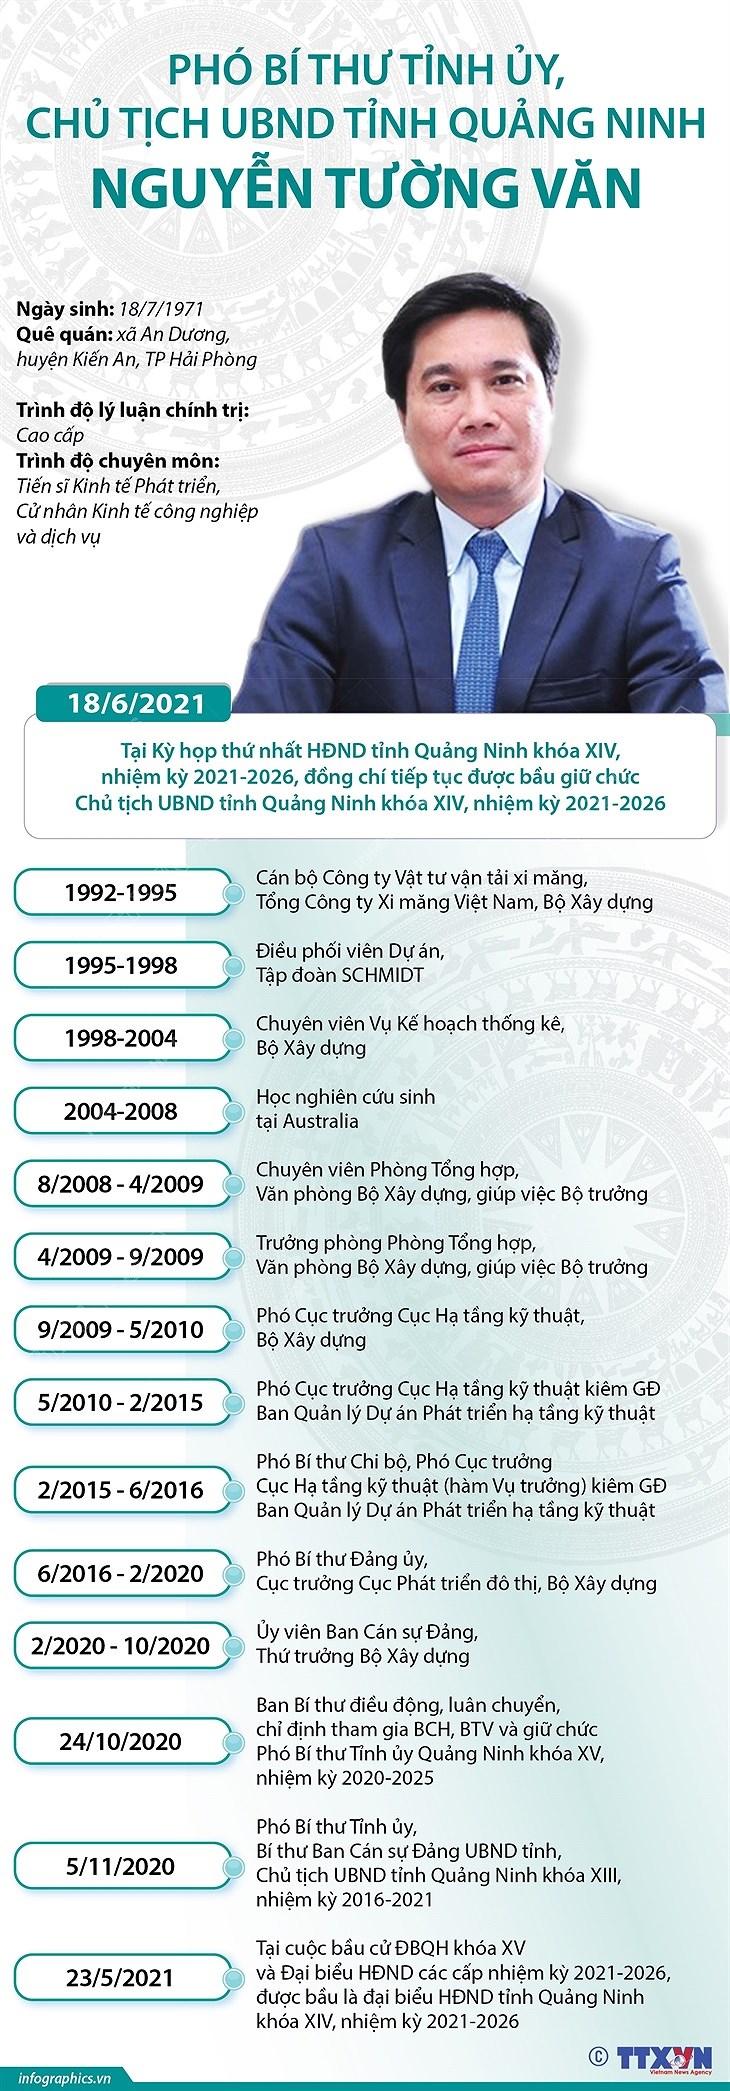 Pho Bi thu Tinh uy, Chu tich UBND tinh Quang Ninh Nguyen Tuong Van hinh anh 1